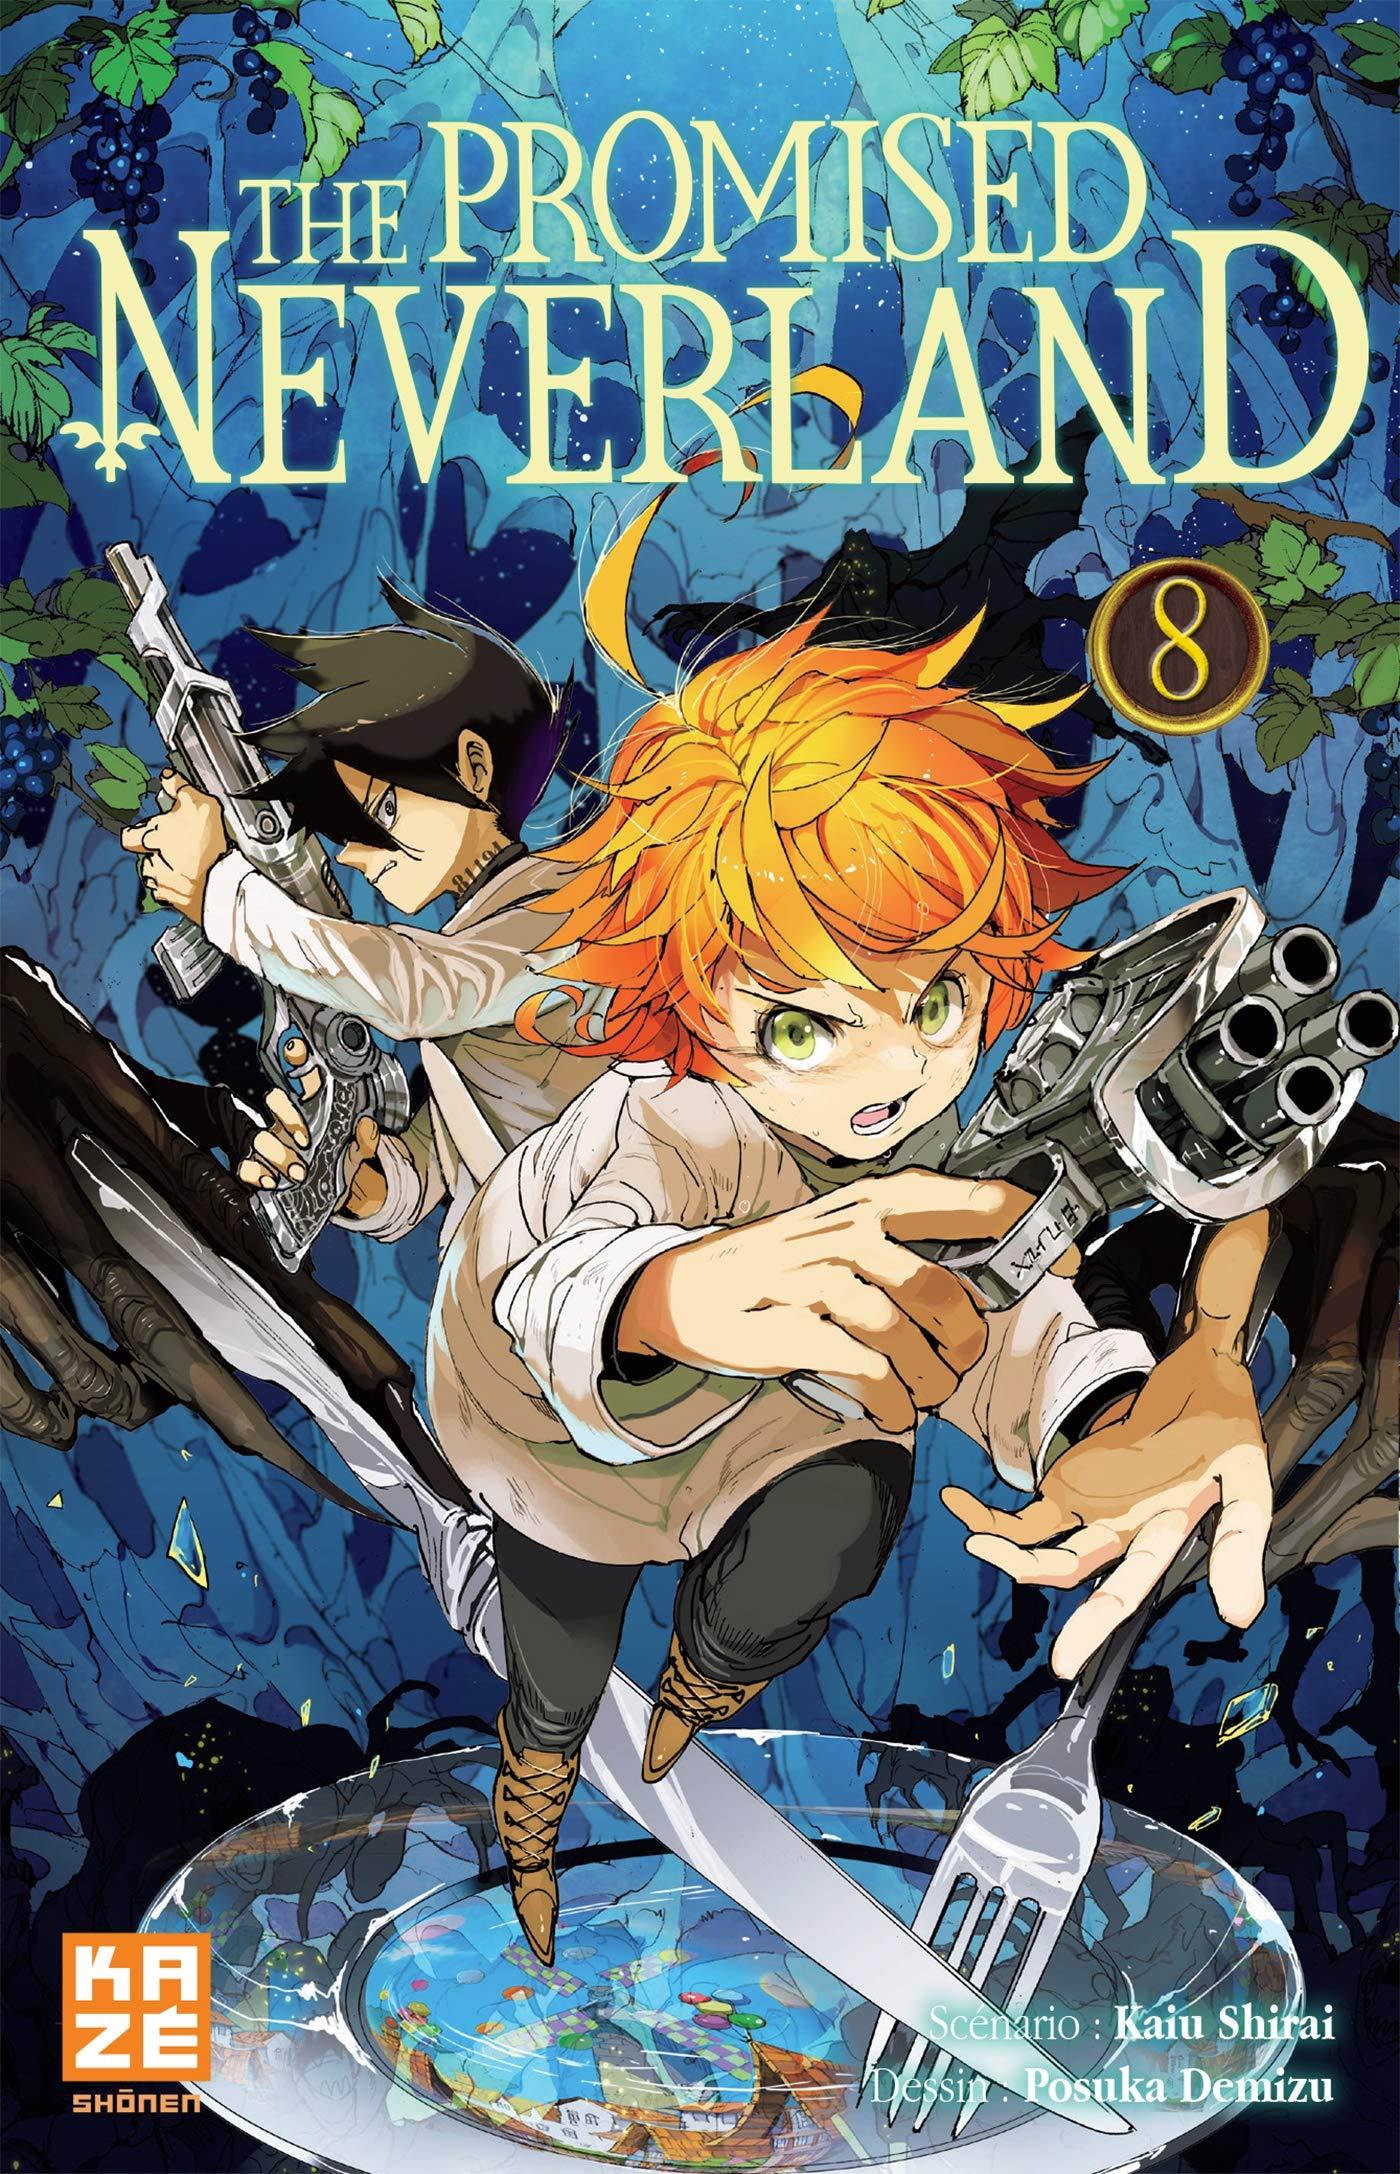 La saison 1 de The Promised Neverland débarque en DVD et Blu-Ray chez Kazé